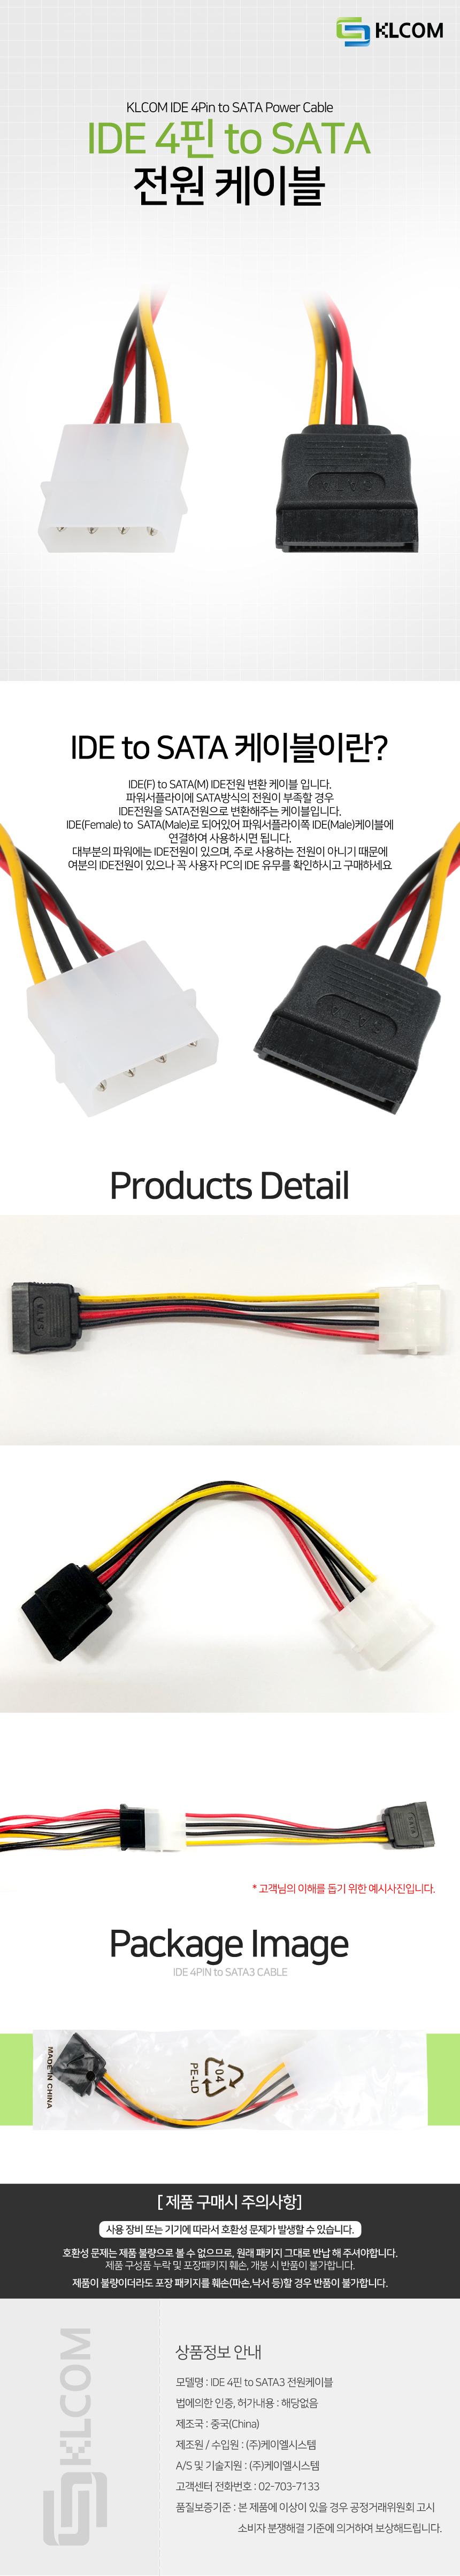 케이엘시스템 KLcom IDE 4핀 to SATA 전원 케이블